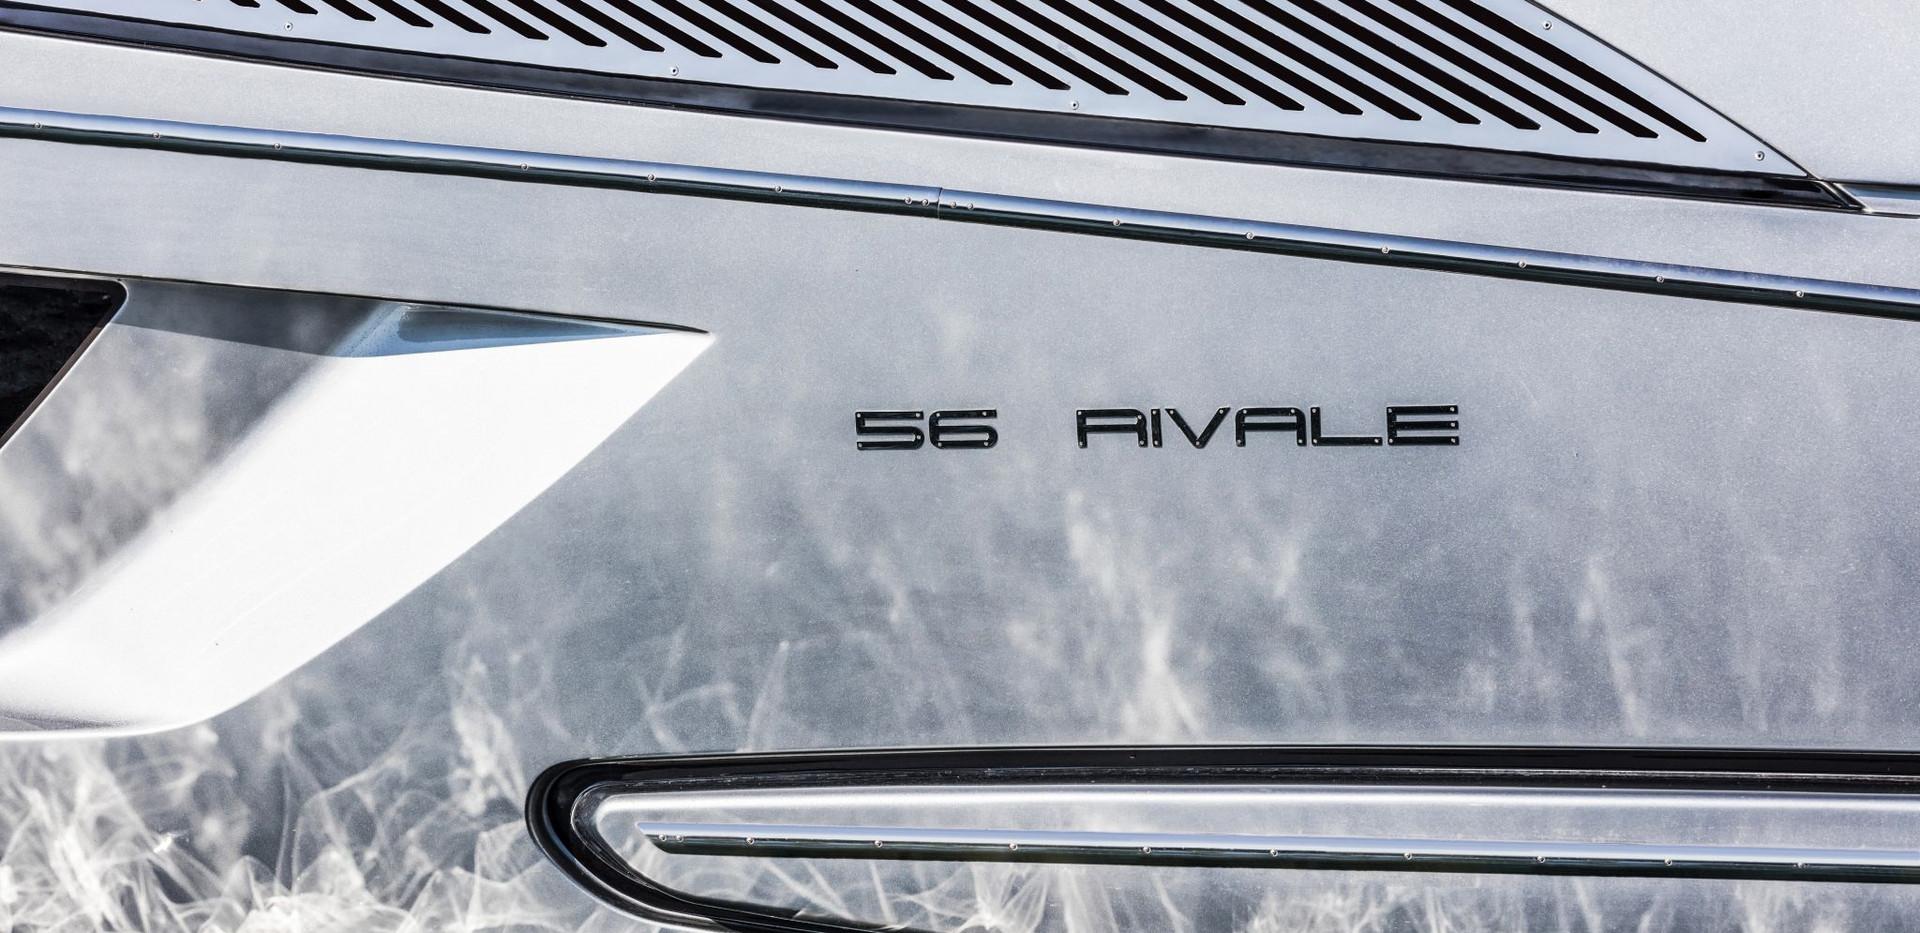 56' rivale